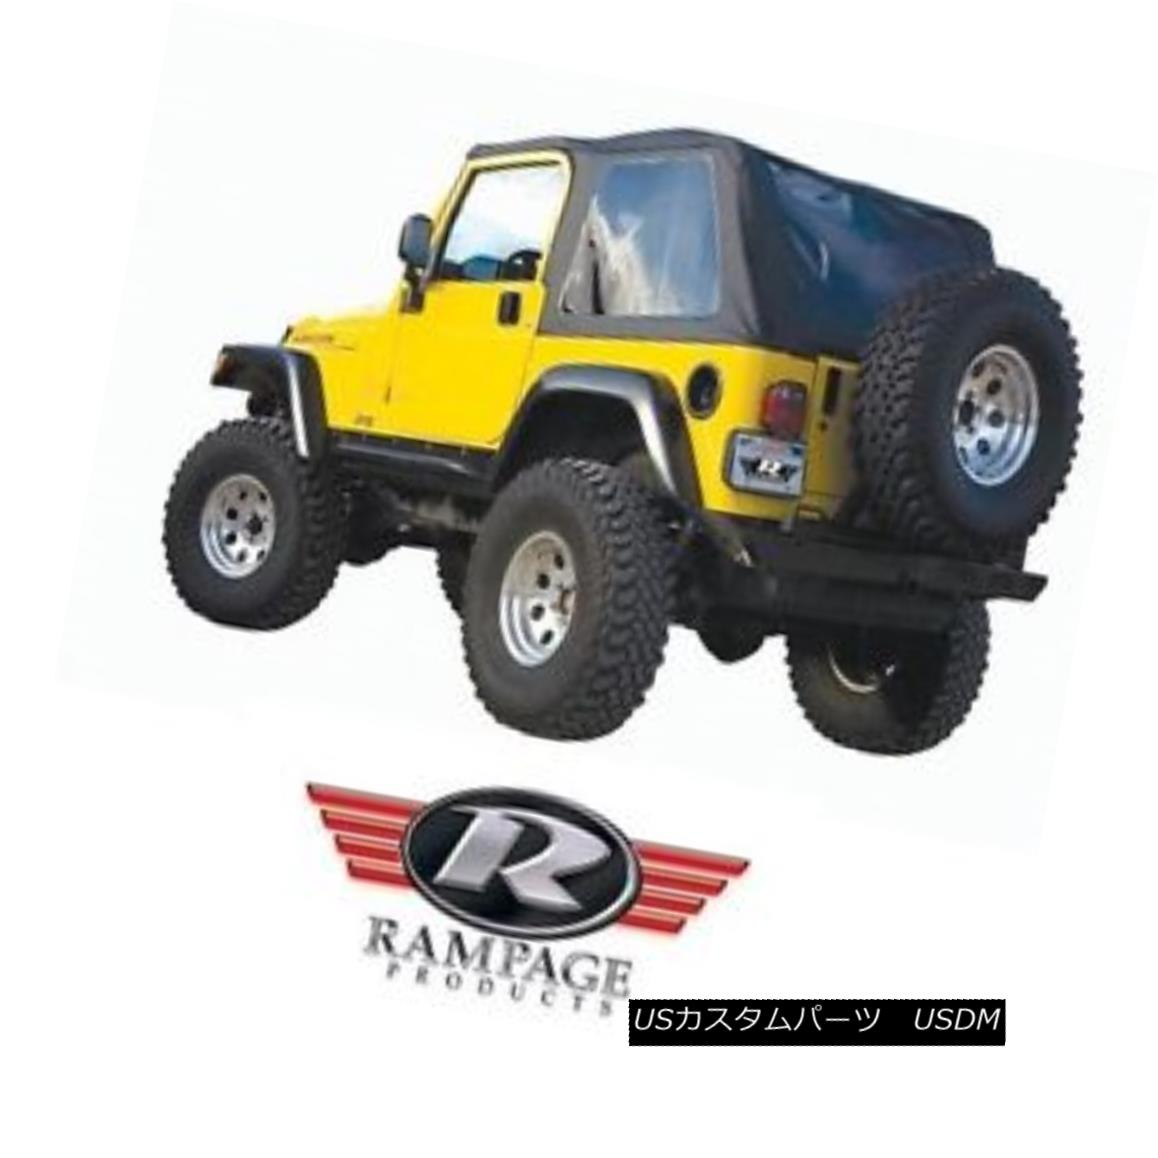 幌・ソフトトップ Rampage Frameless Trail Top w/ Tint 97-06 Jeep Wrangler TJ 109735 Black ランペイジ・フレームレス・トレイル・トップ(色合いあり)97-06ジープ・ラングラーTJ 109735ブラック